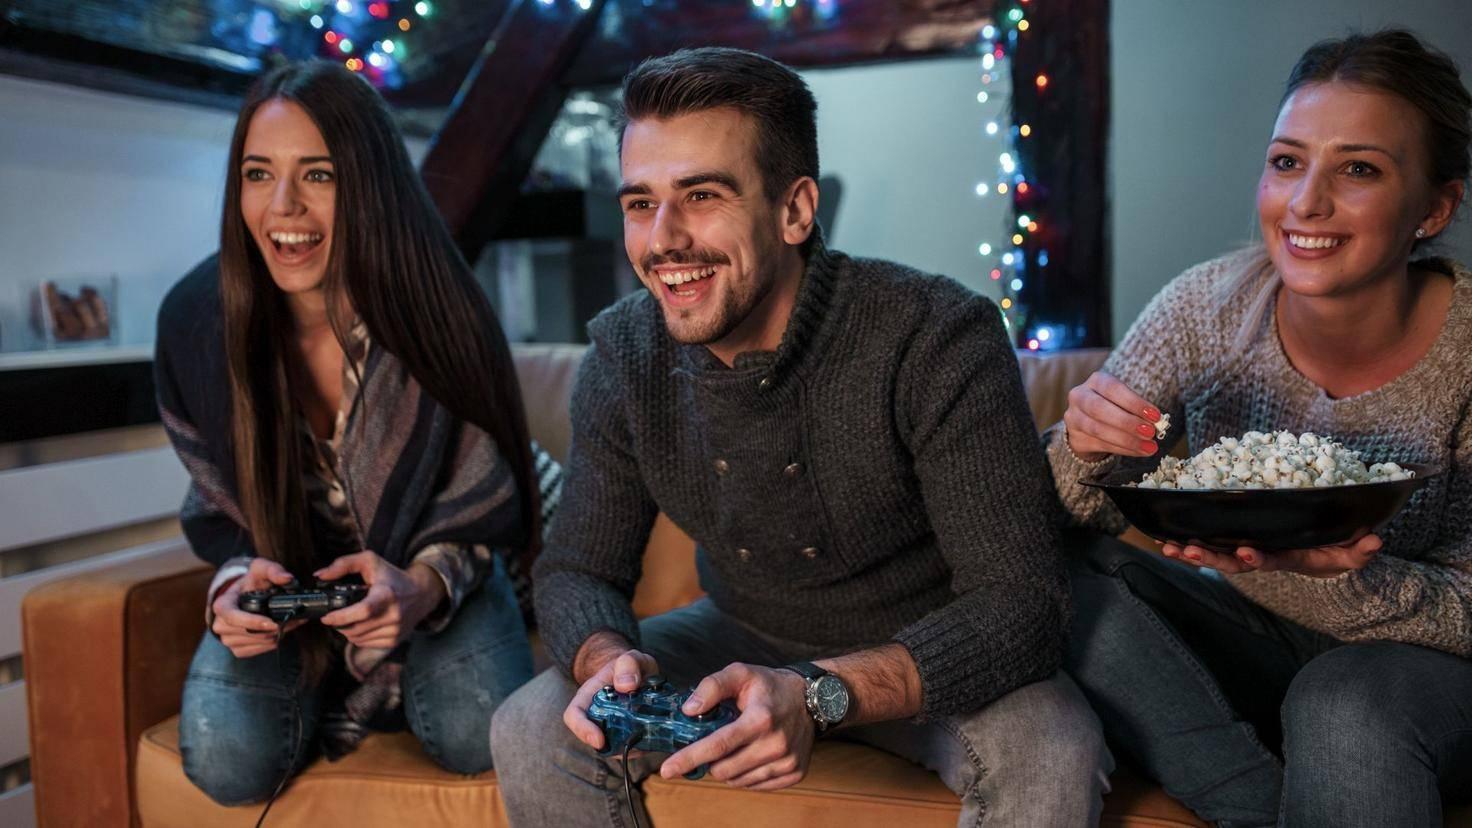 tv-fernseher-gruppe-freunde-konsole-gaming-videospiele-spiele